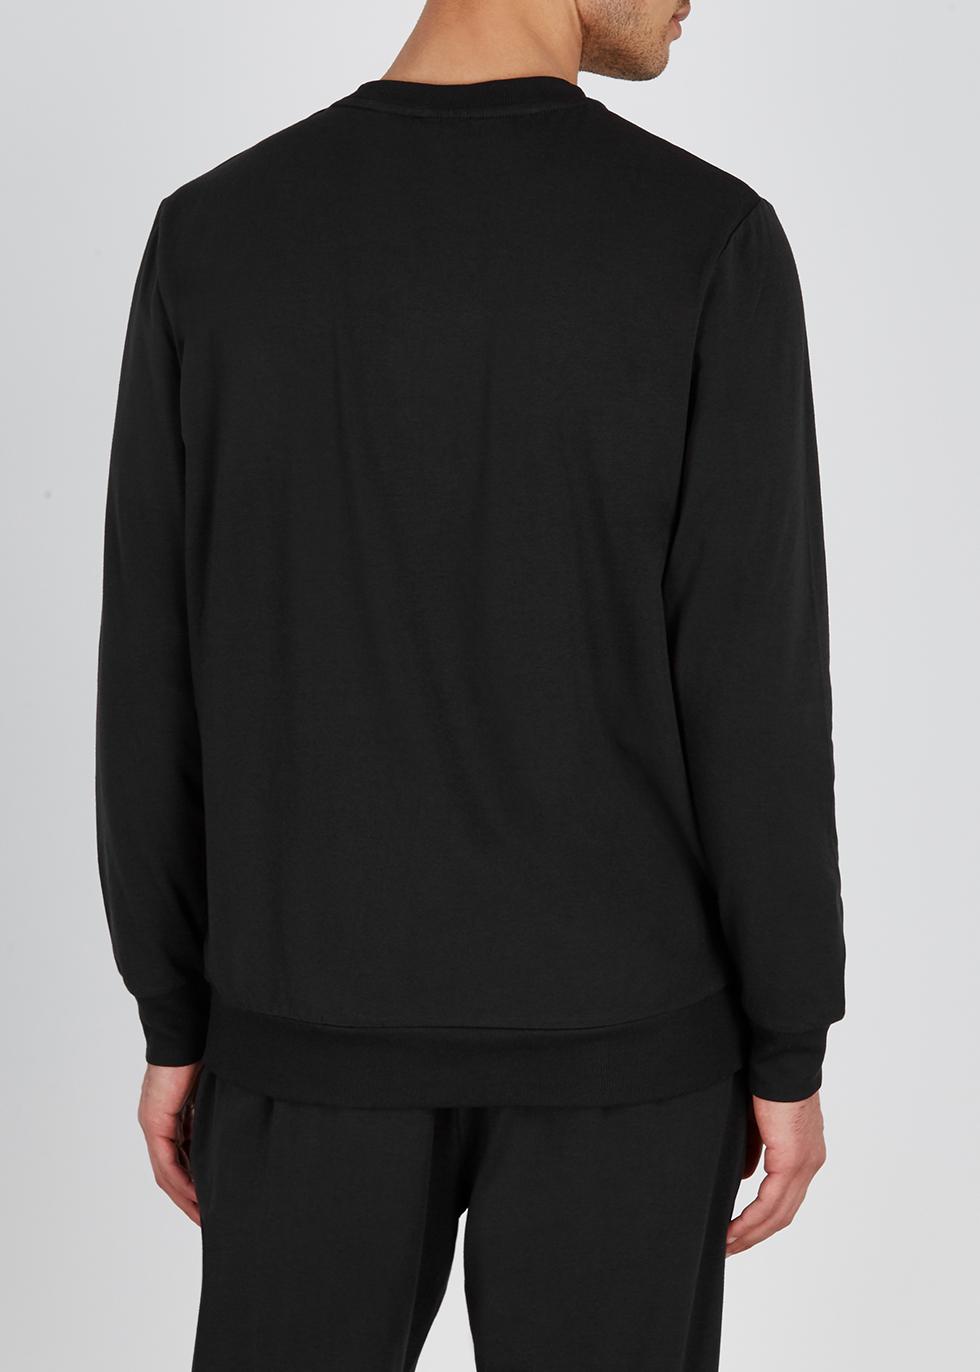 Black cotton-blend sweatshirt - Calvin Klein